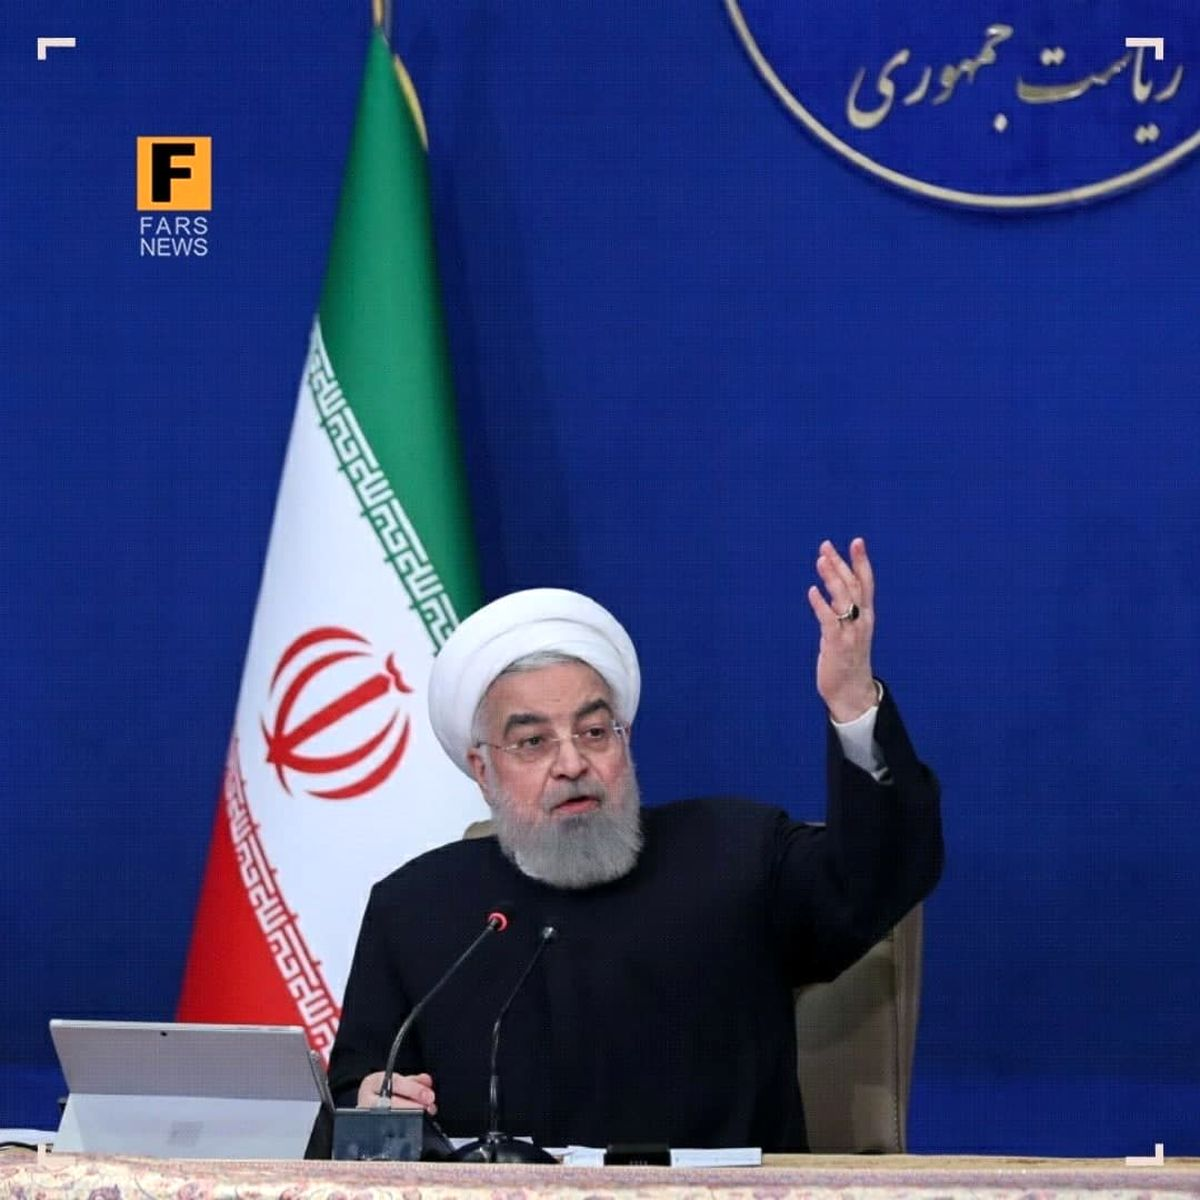 روحانی: در مذاکرات تقریبا همه تحریمهای اصلی برطرف شده